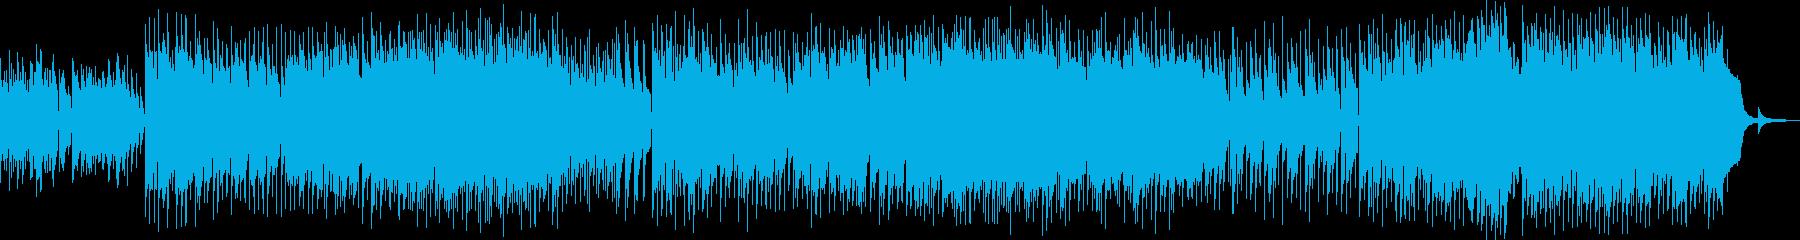 優しいエレピのメロディのピアノバラードの再生済みの波形